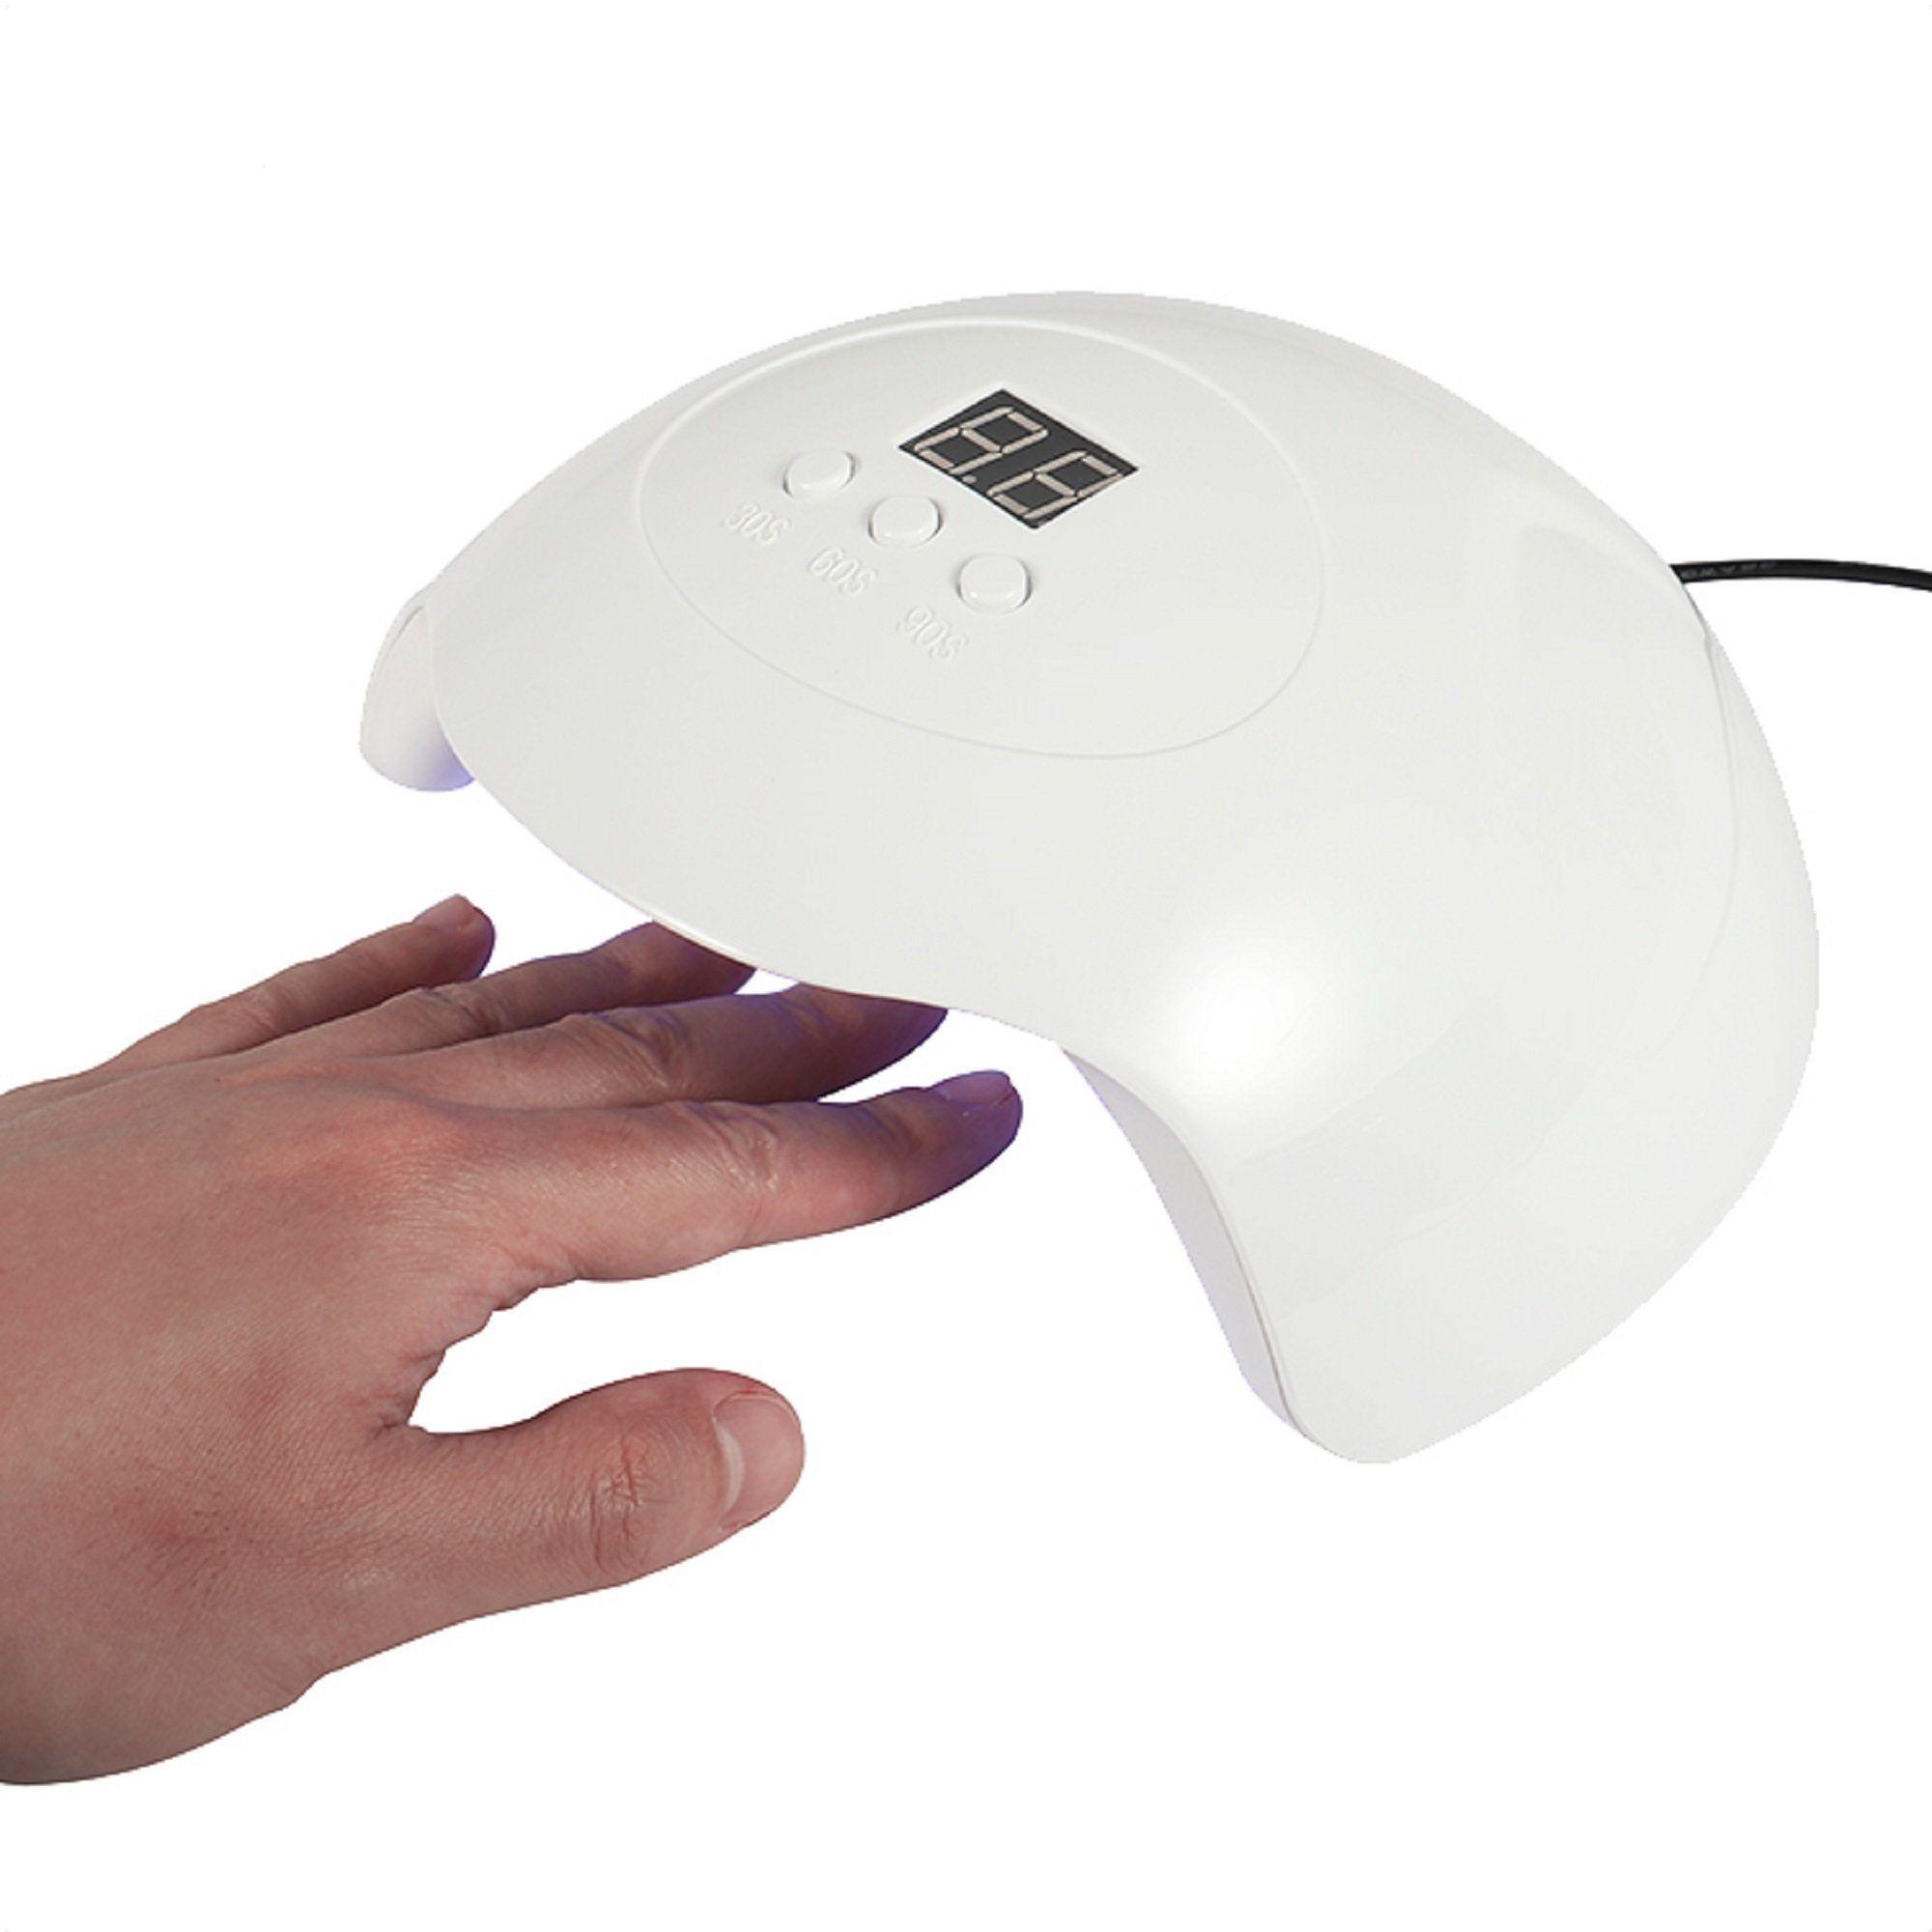 Nail Lamp For Uv Resin Led Nail Lamp 36w Nail Dryer Nail Uv Lamp Light Acrylic Nail Lamp Uv Led Nail Lamp Poly Gel Nail Curing Lamp In 2020 Led